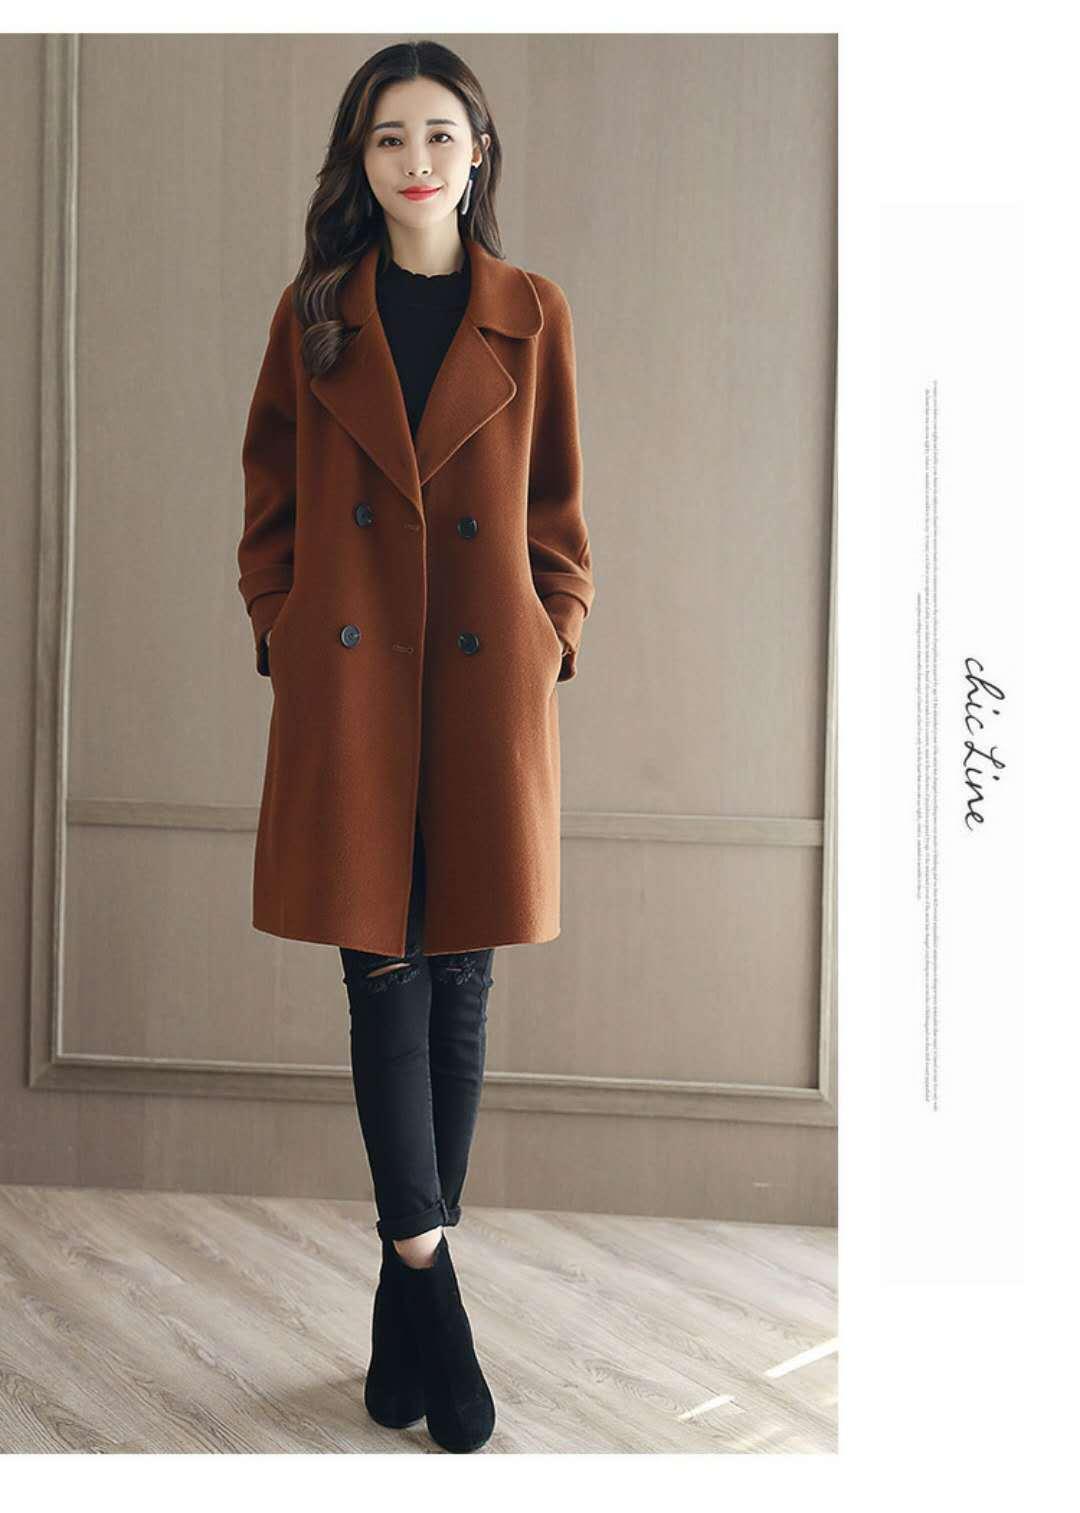 2017秋冬新款加棉加厚呢大衣呢子女风衣外套韩版时尚女装羊绒呢大衣图片